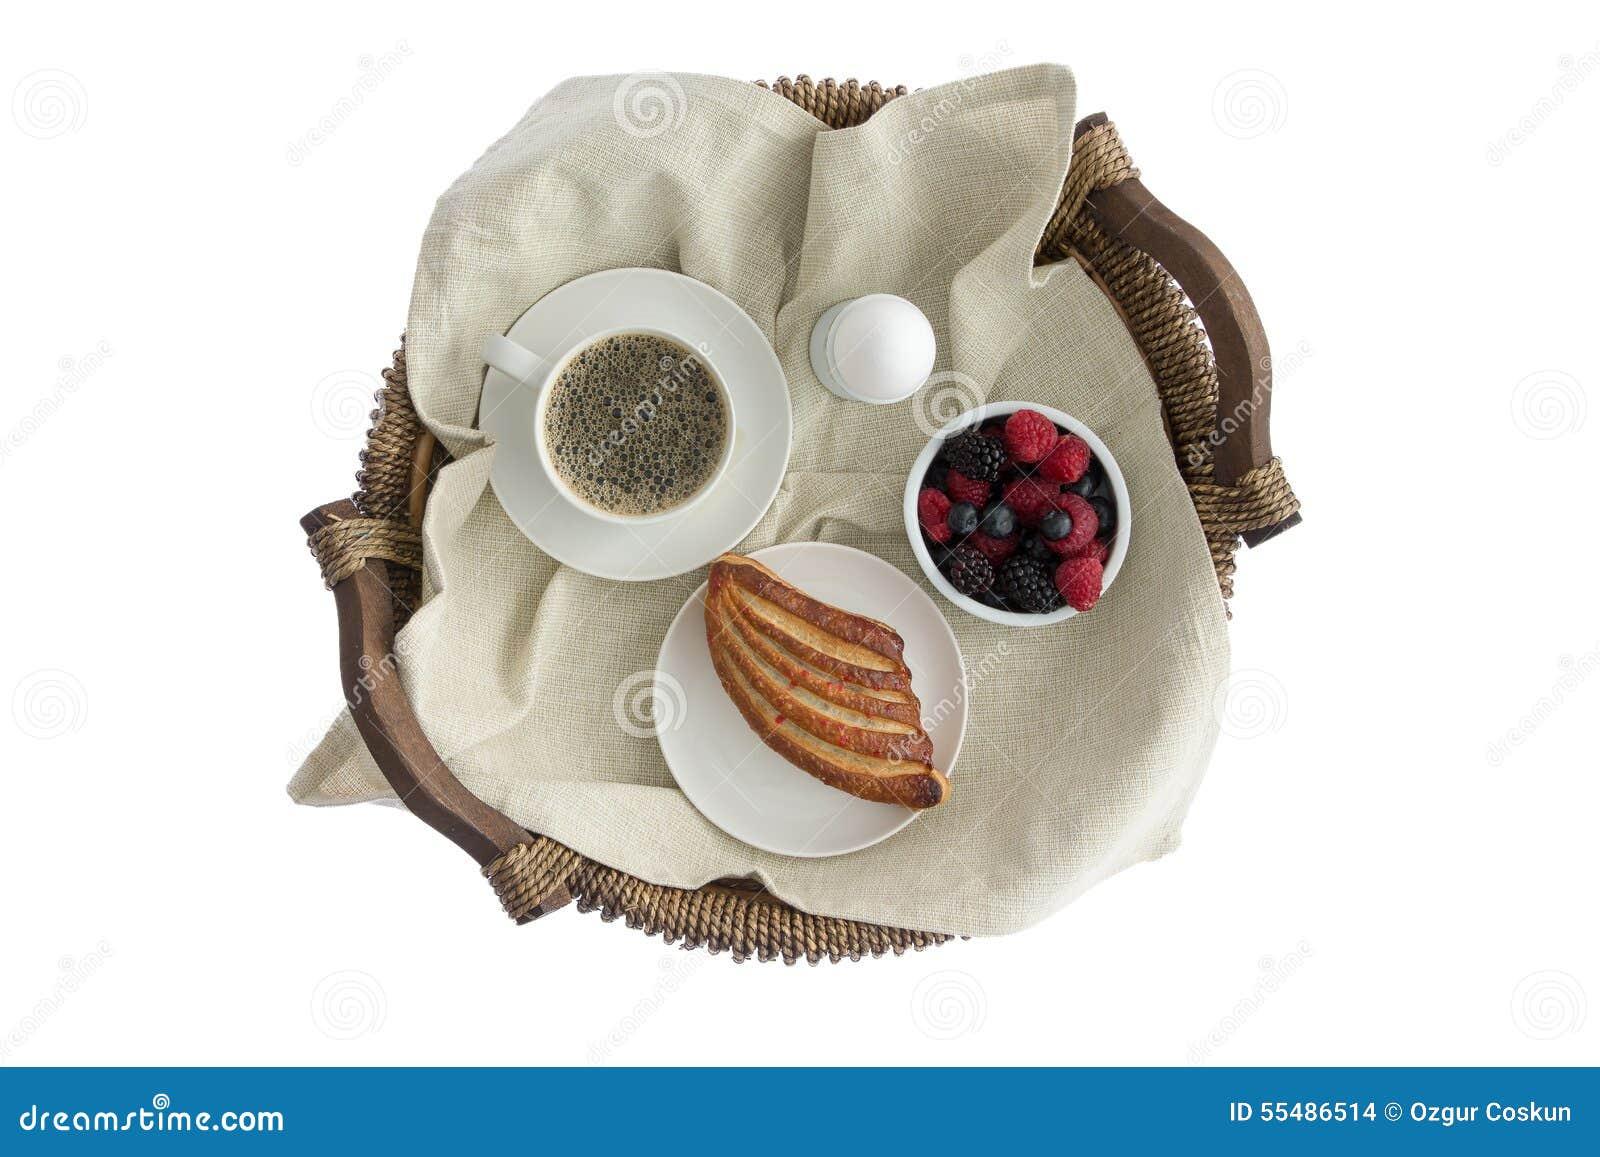 Вкусный завтрак для одного на деревенском плетеном подносе